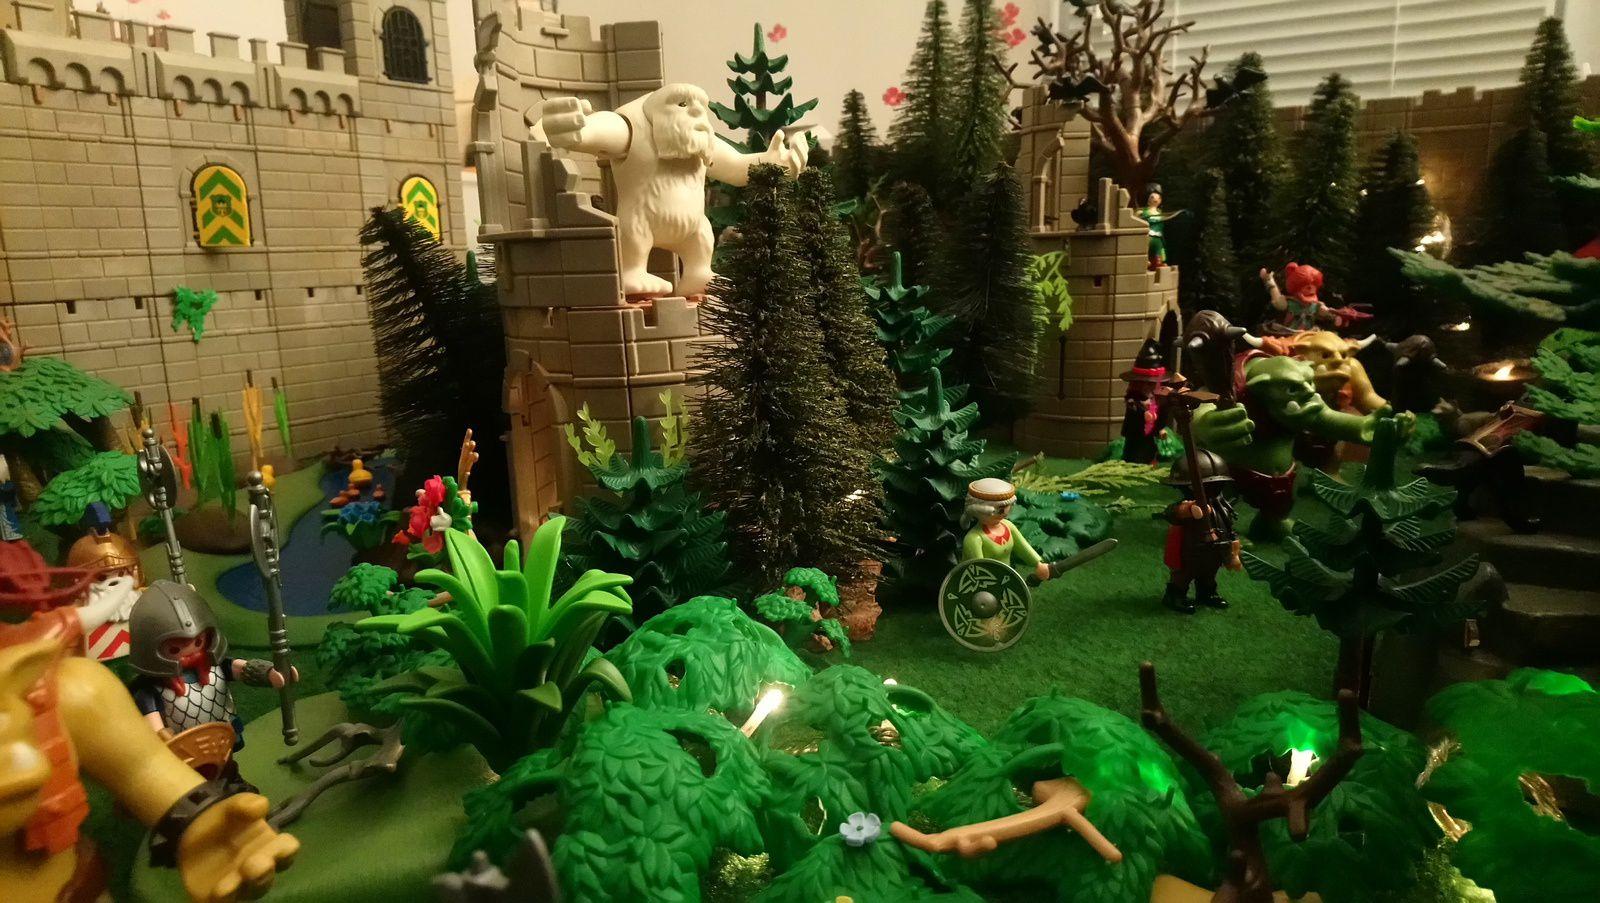 De toutes parts, nains, trolls, sorcières surgissent de la forêt pour délivrer la princesse.